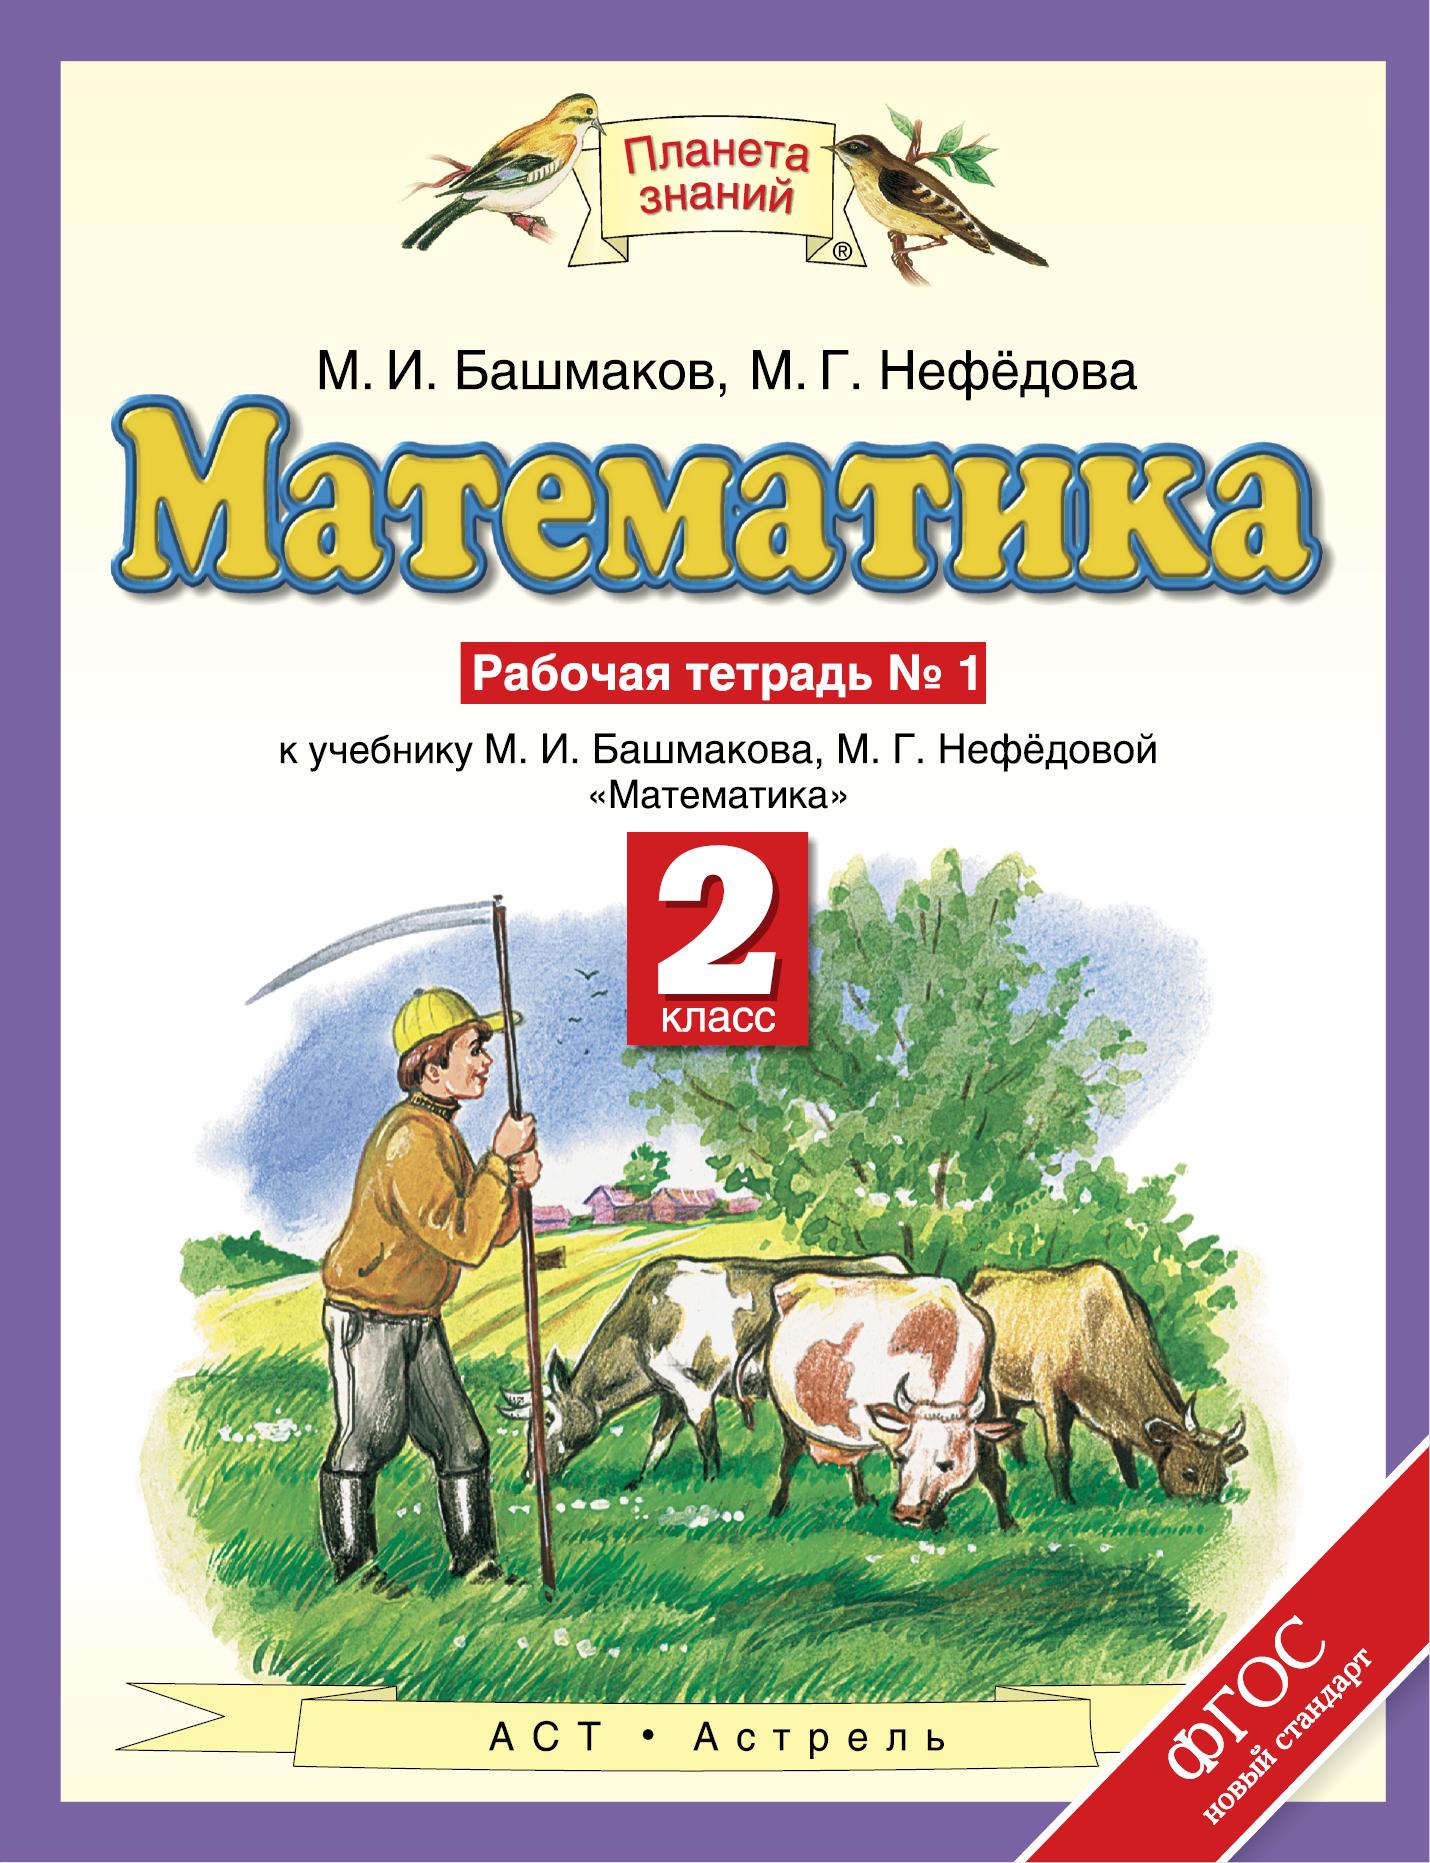 Математика. 2 класс. Рабочая тетрадь №1 ( Башмаков М.И., Нефедова М.Г.  )